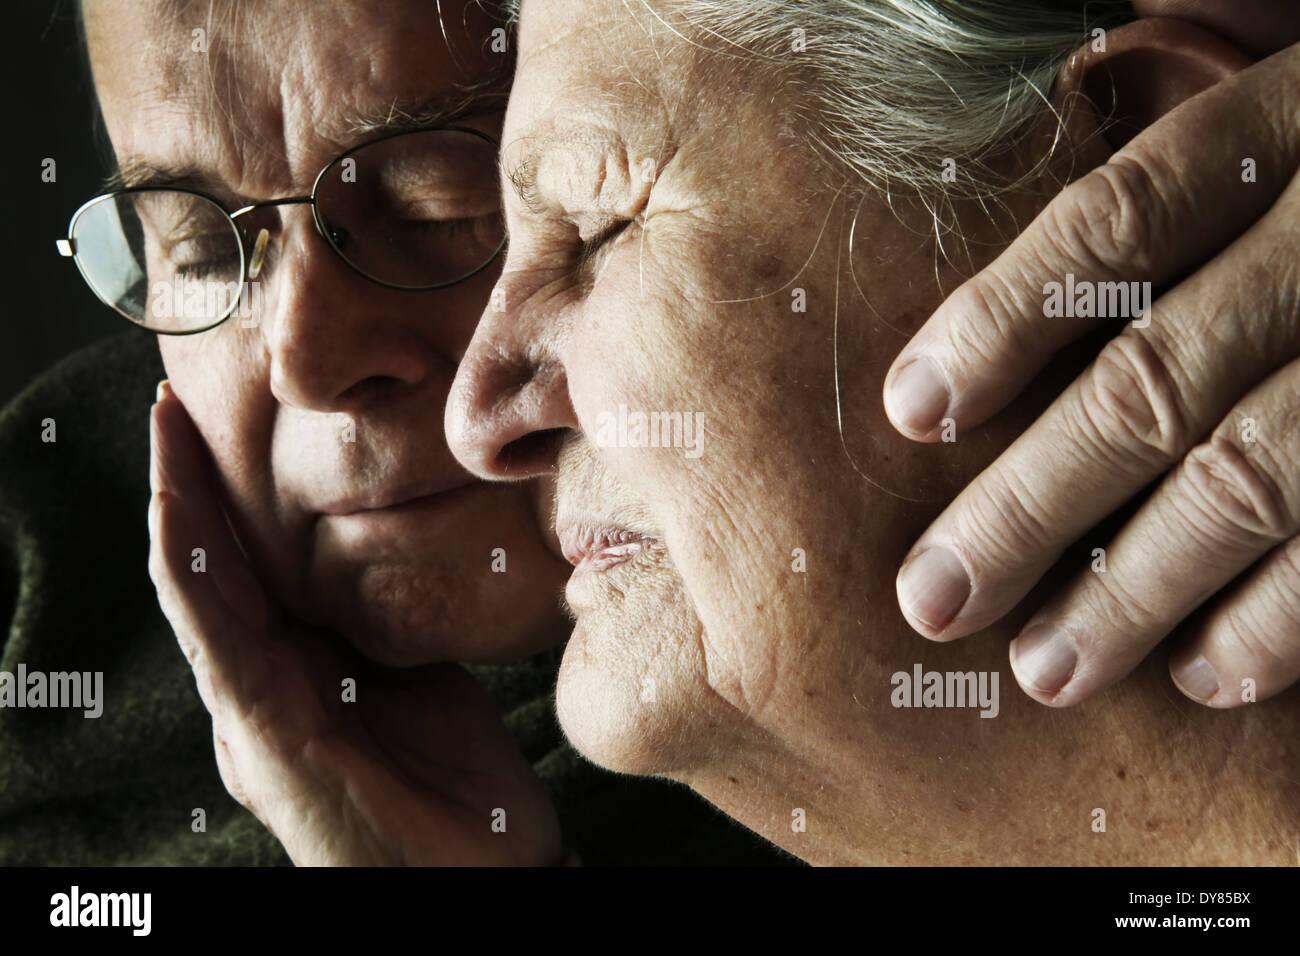 Portrait of senior couple avec fermer les yeux, close-up Photo Stock